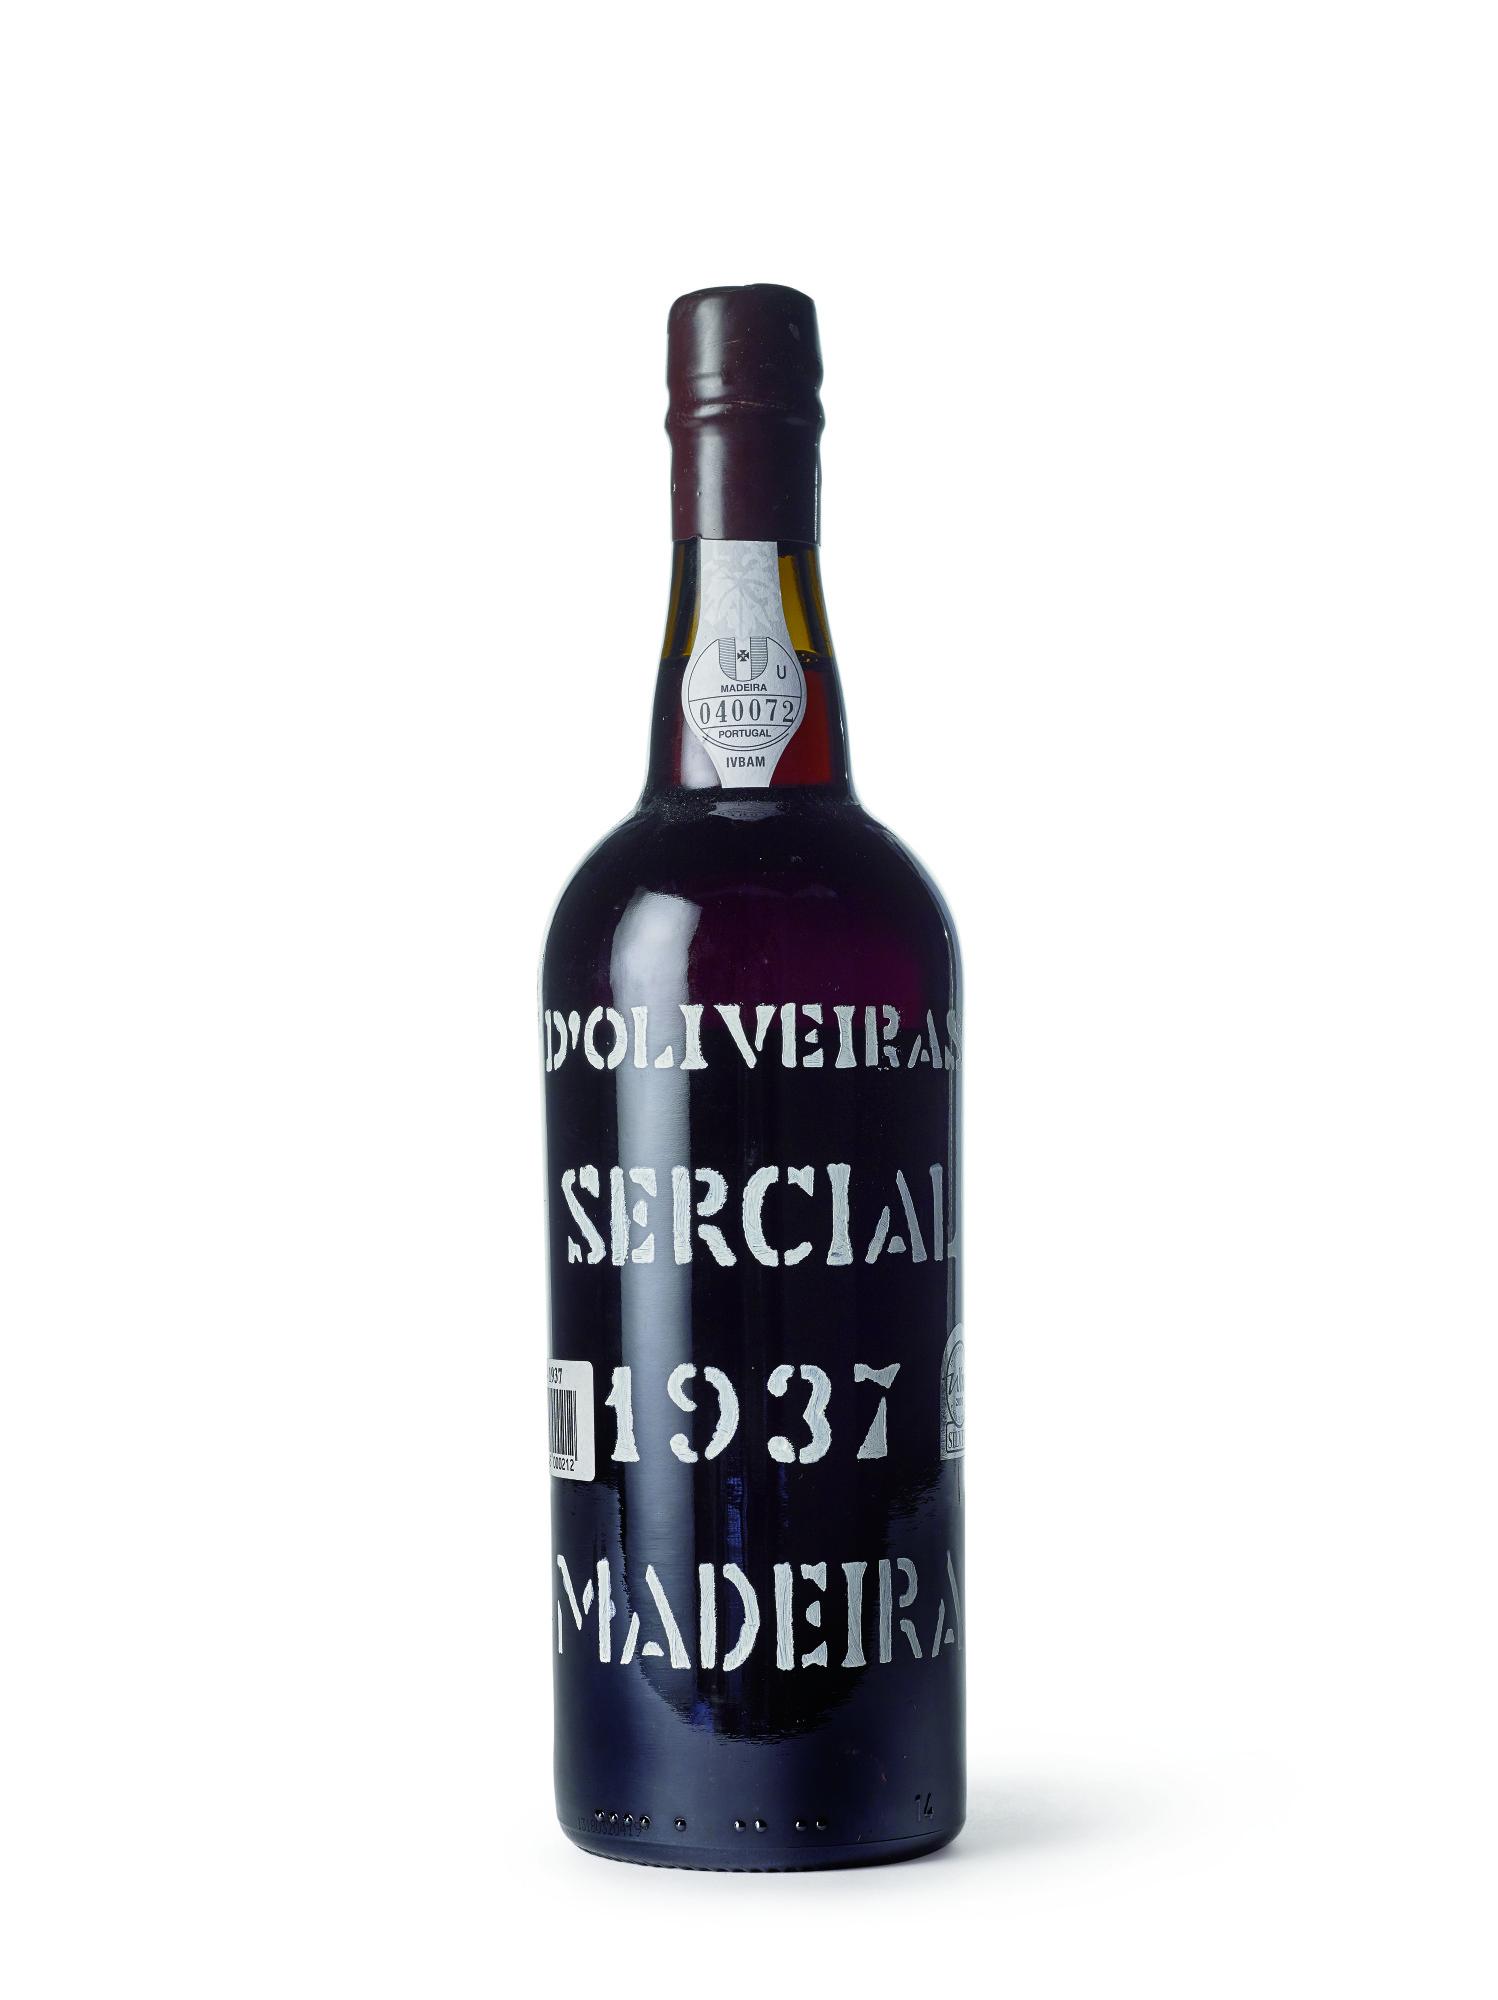 D'Oliveira, Madeira, Sercial 1937